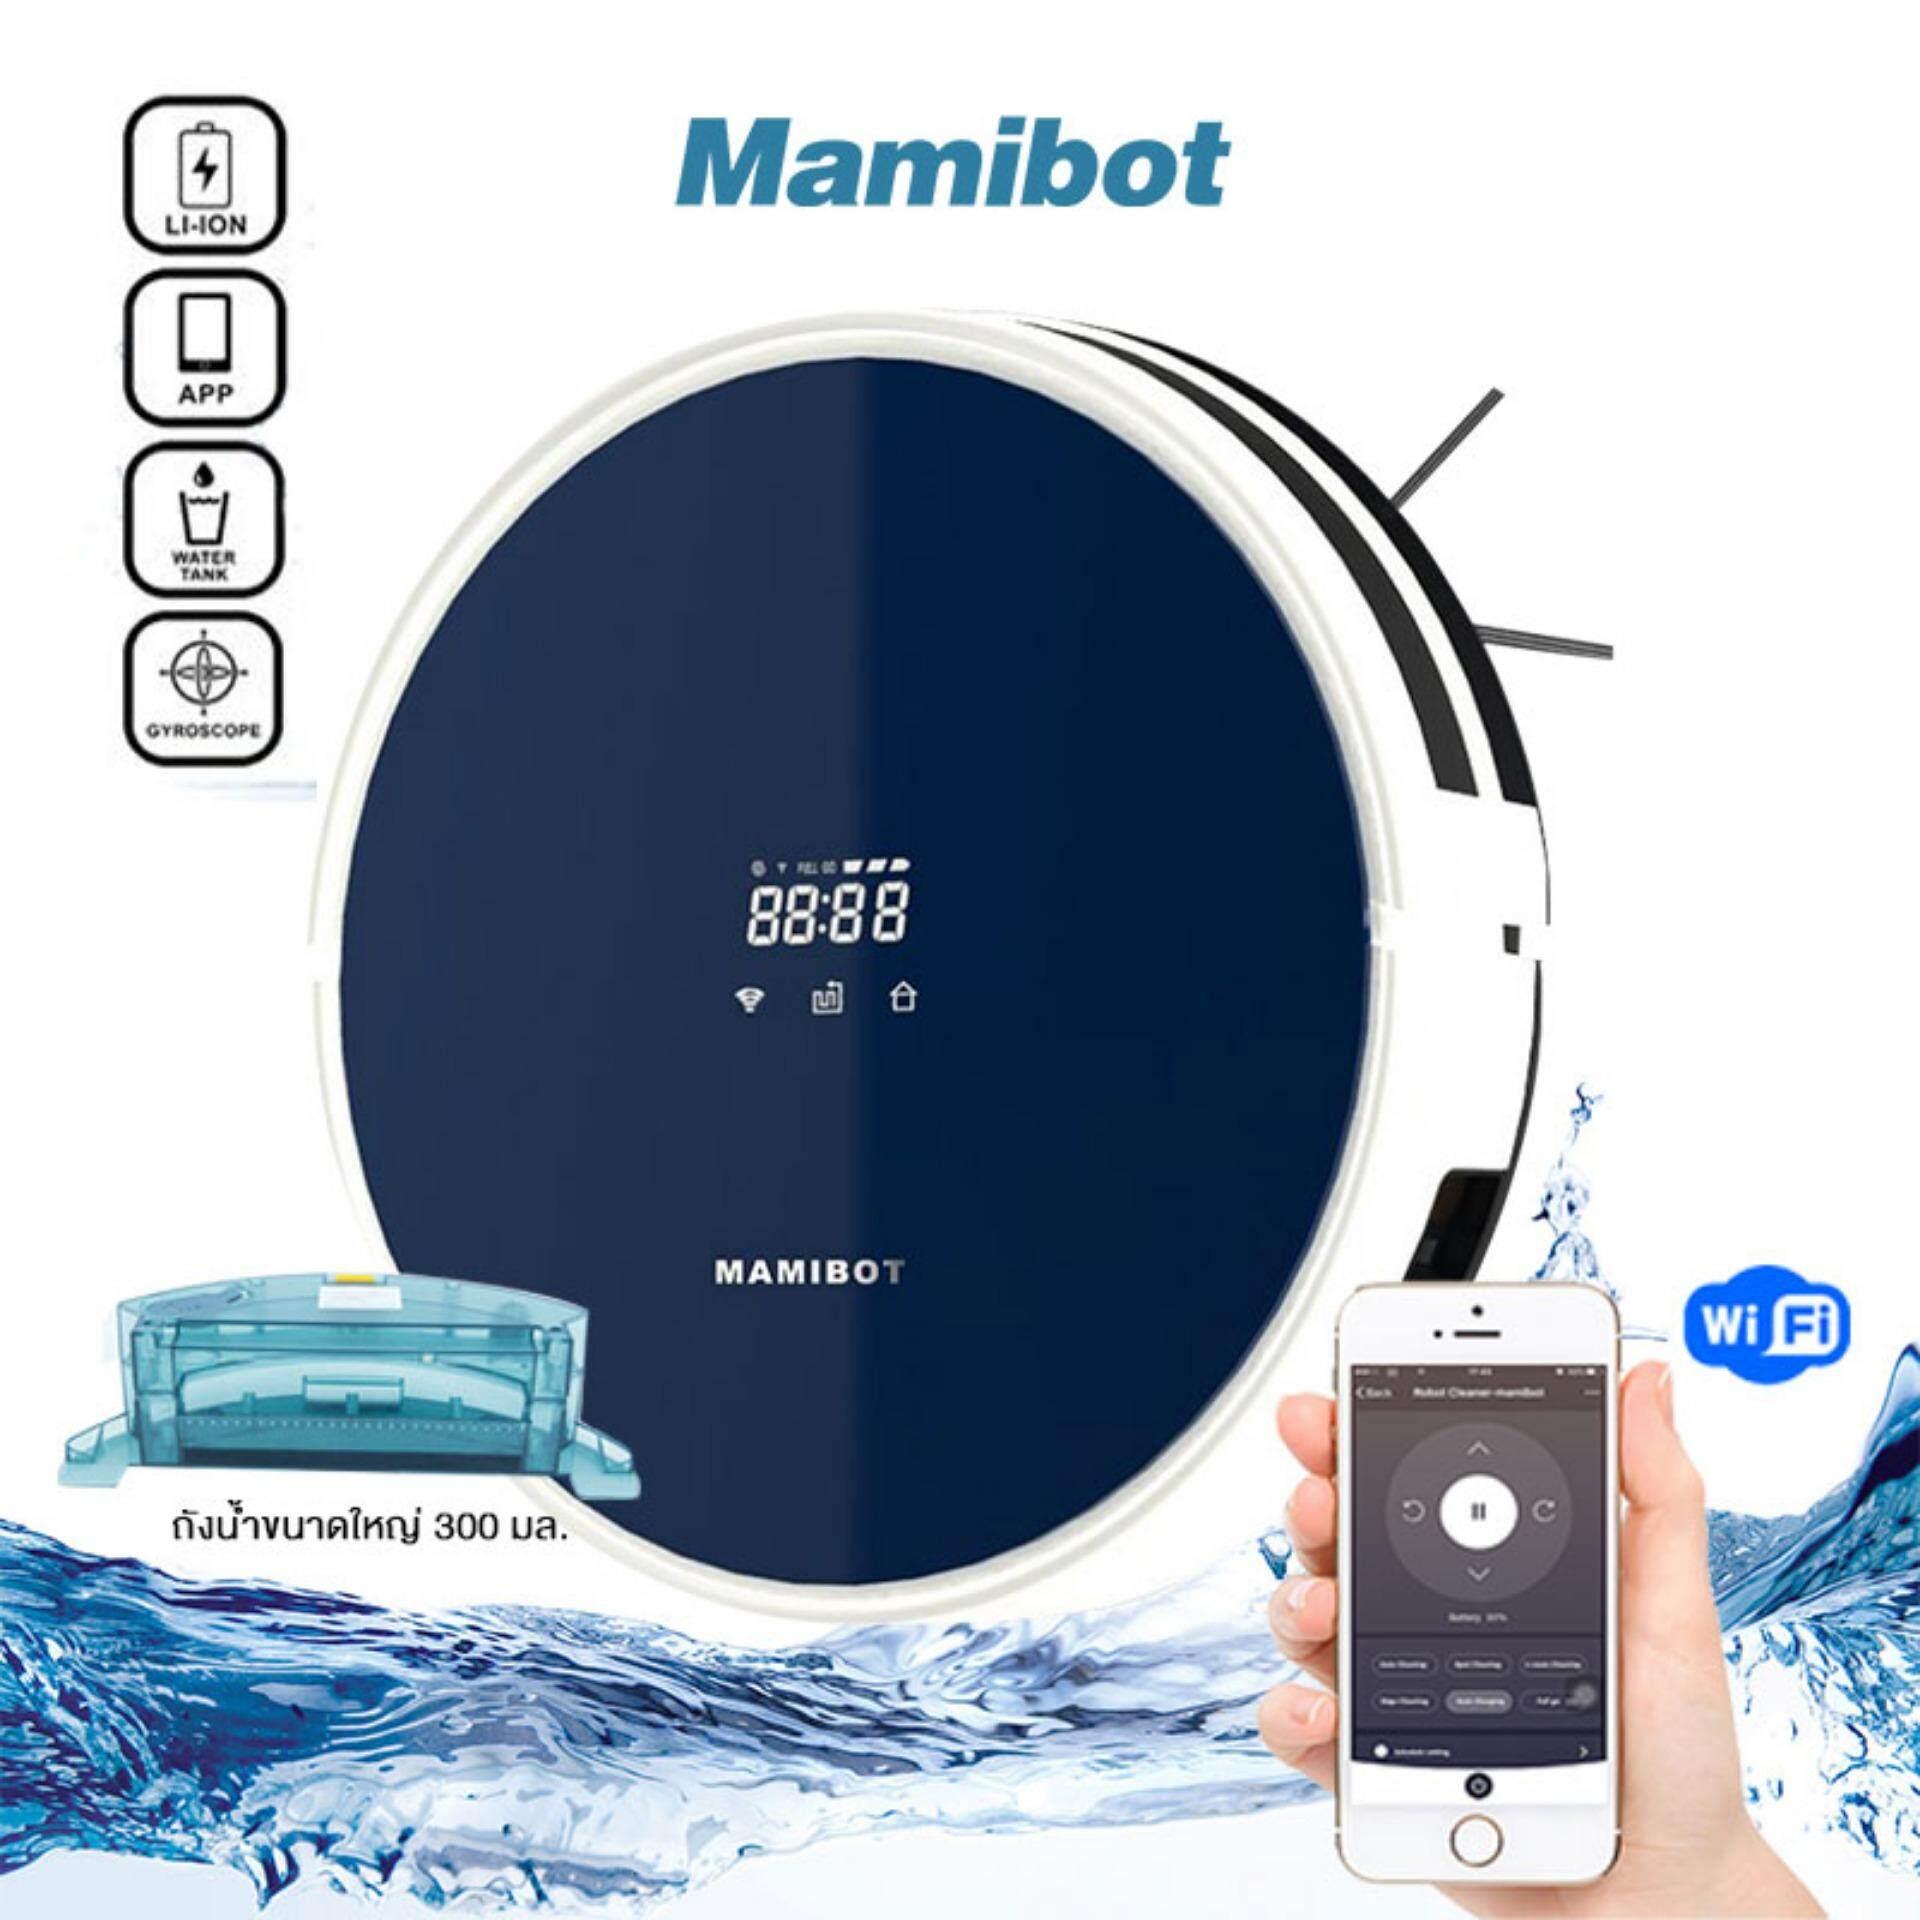 ราคา หุ่นยนต์ดูดฝุ่น Mamibot Prevac 650 With Wifi Control จัดจำหน่ายโดย Iggoo Robot Vacuum Cleaner เป็นต้นฉบับ Iggoo